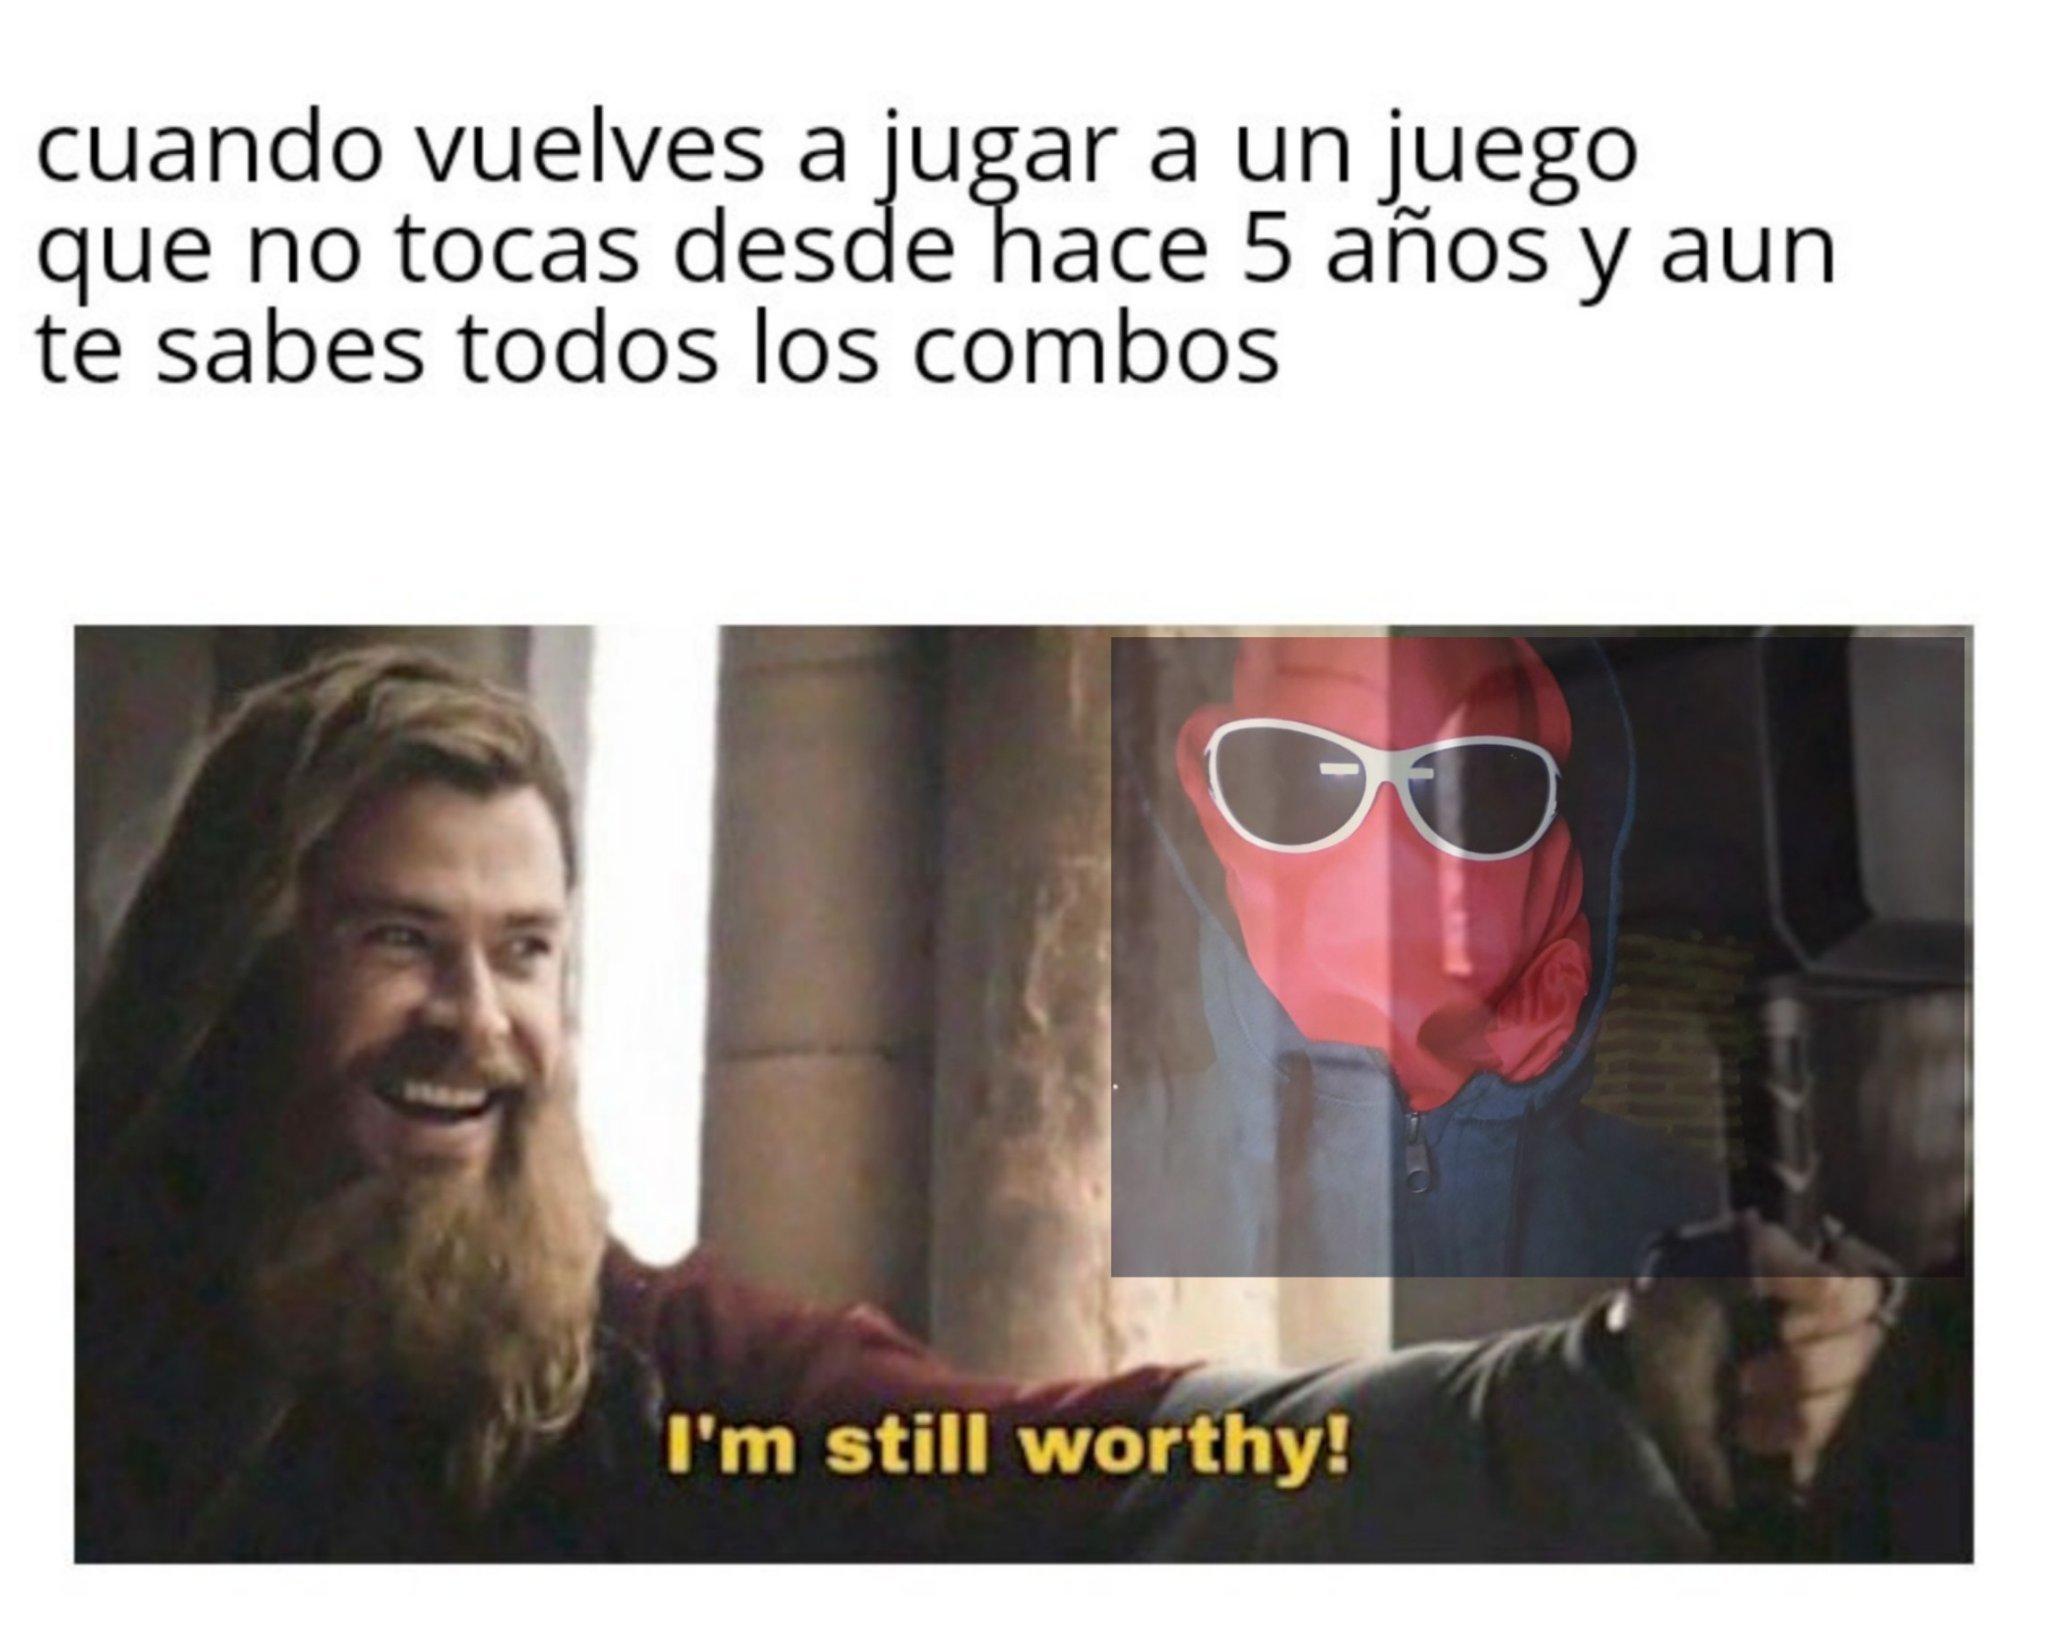 Ese poder es casi imposible de conseguir - meme